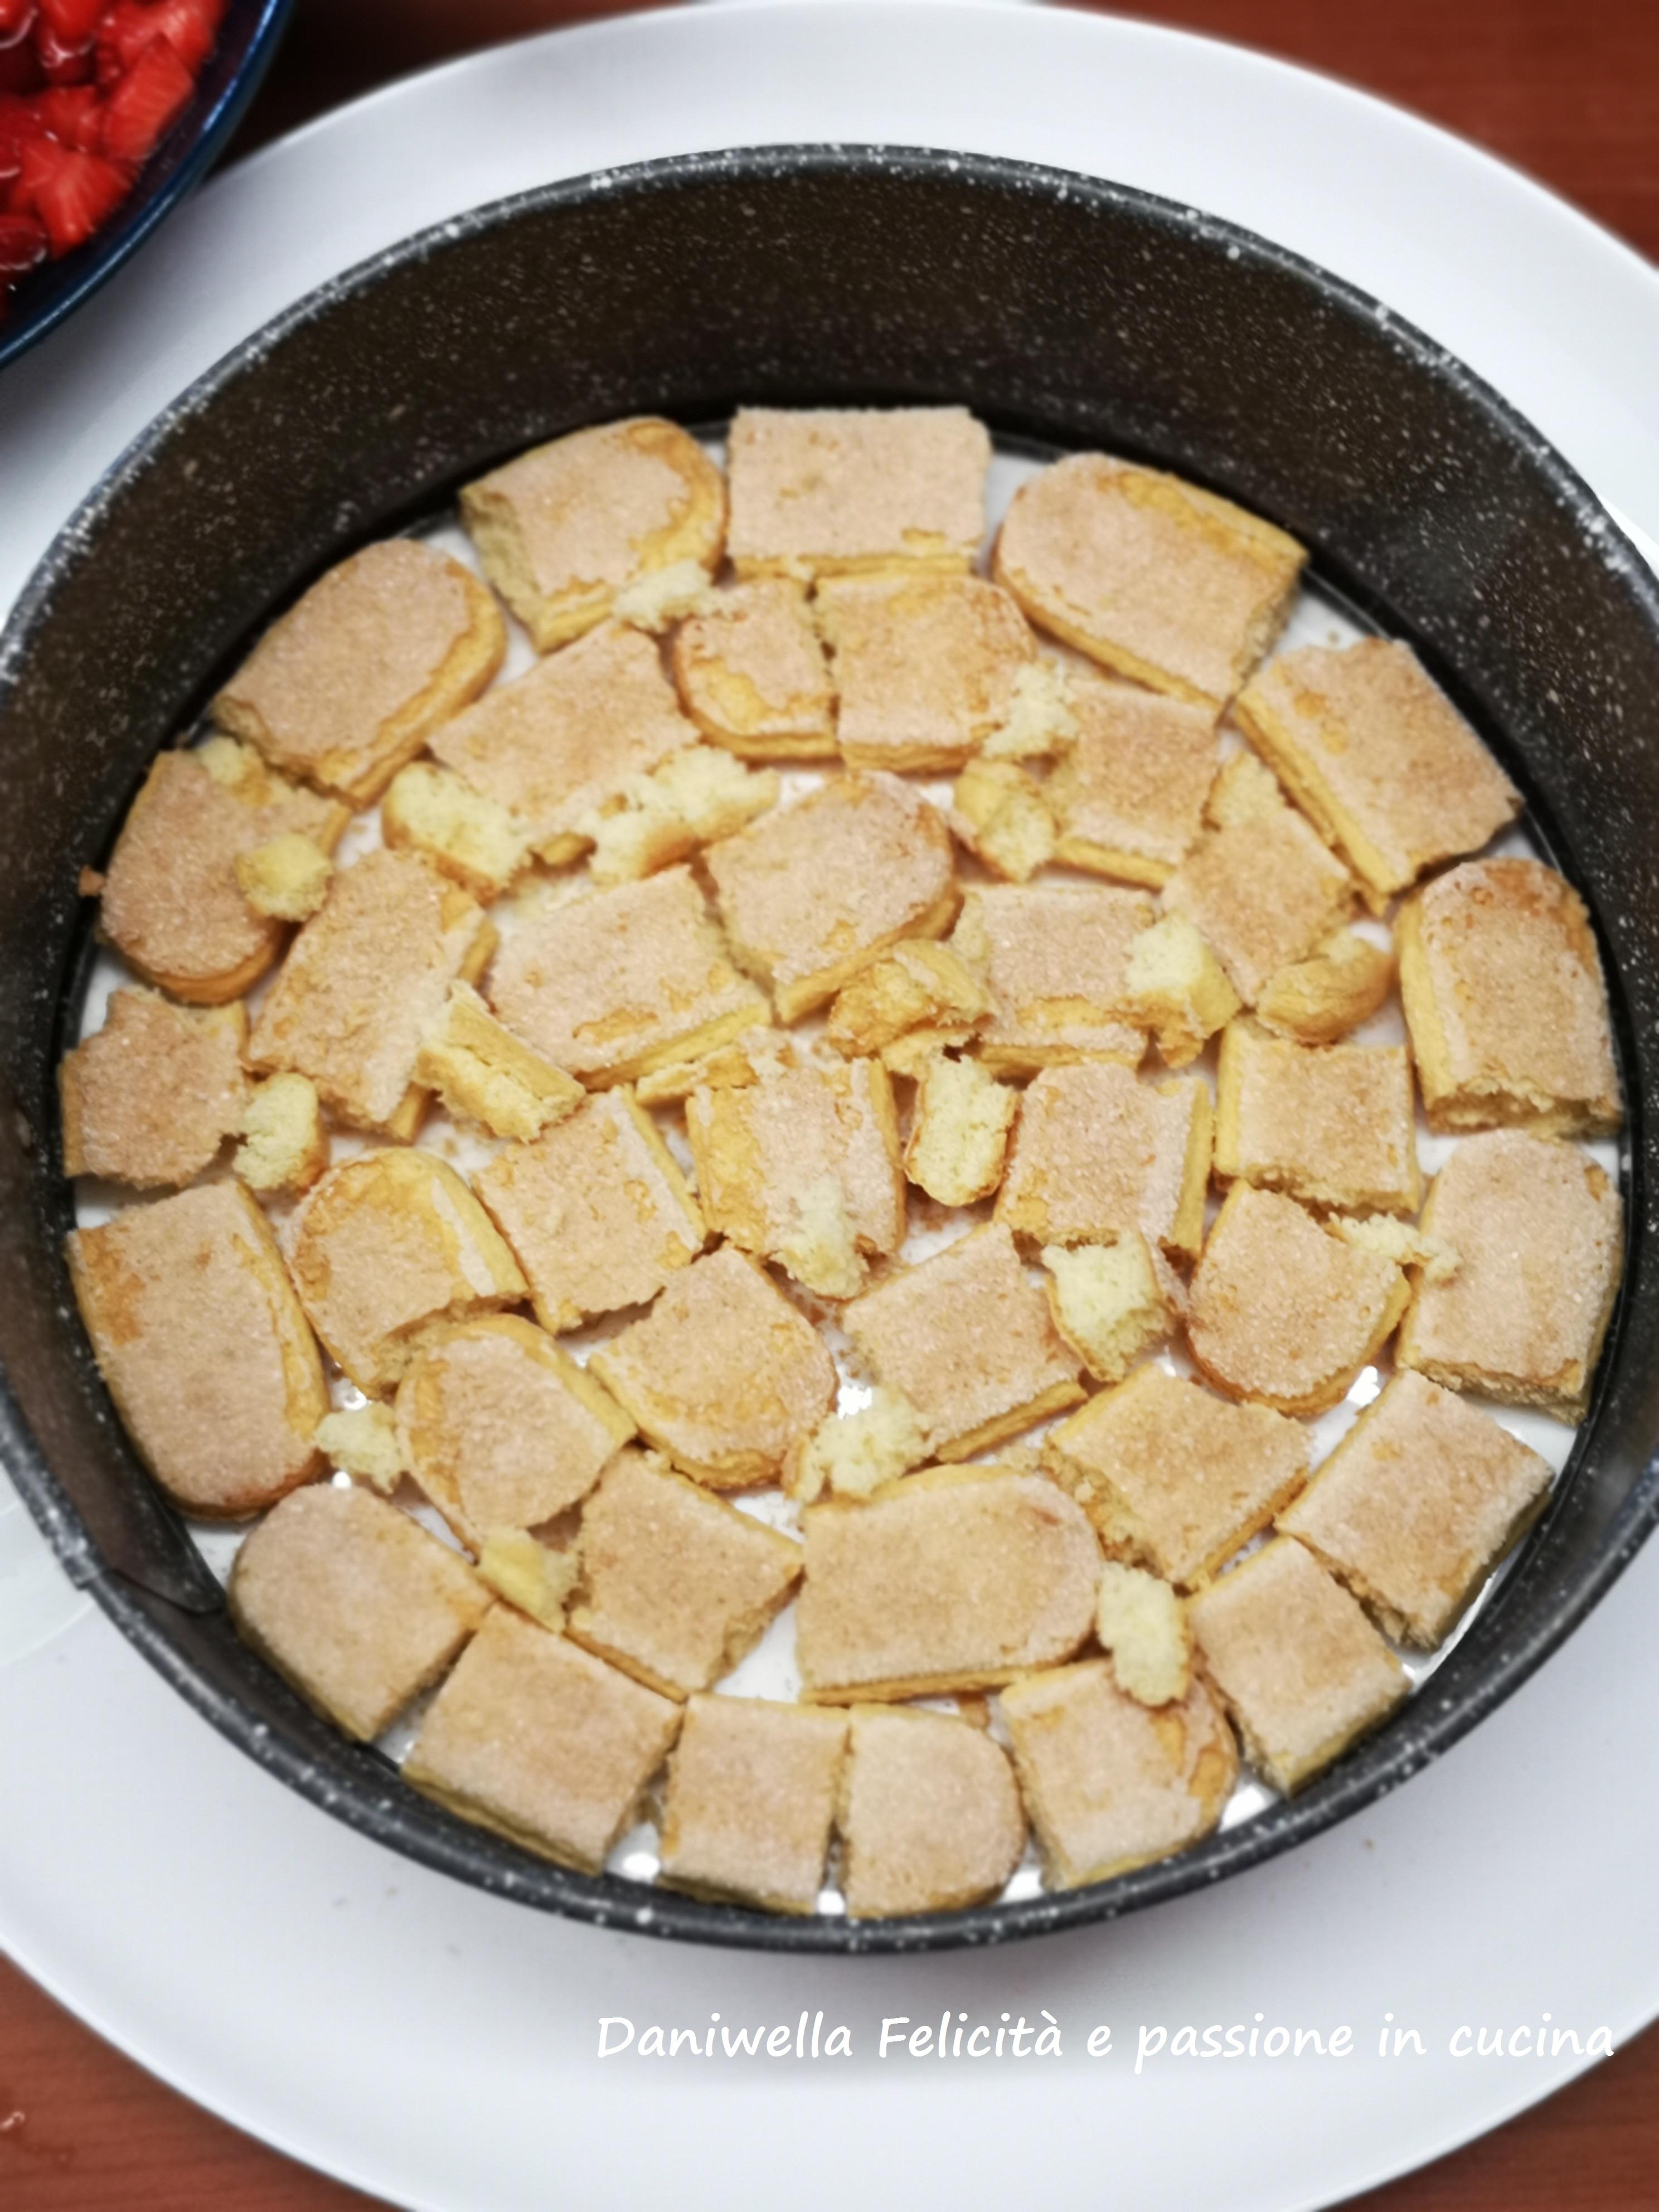 Prendete uno stampo a cerniera di cm 22 di diametro e sostituite il fondo con un piatto da portata. Chiudete la cerniera e poggiatelo sul piatto e cominciate a formare gli stati alternati. La torta avrà 2 stati e ogni strato conterrà 100 g di savoiardi. Prendete i biscotti e con le mani rompeteli in tre parti, partendo dall'esterno ricoprite tutta la superficie. Se vedete che ci sono dei buchini sbriciolateci sopra qualche pezzettino fino a riempirli a tappo.